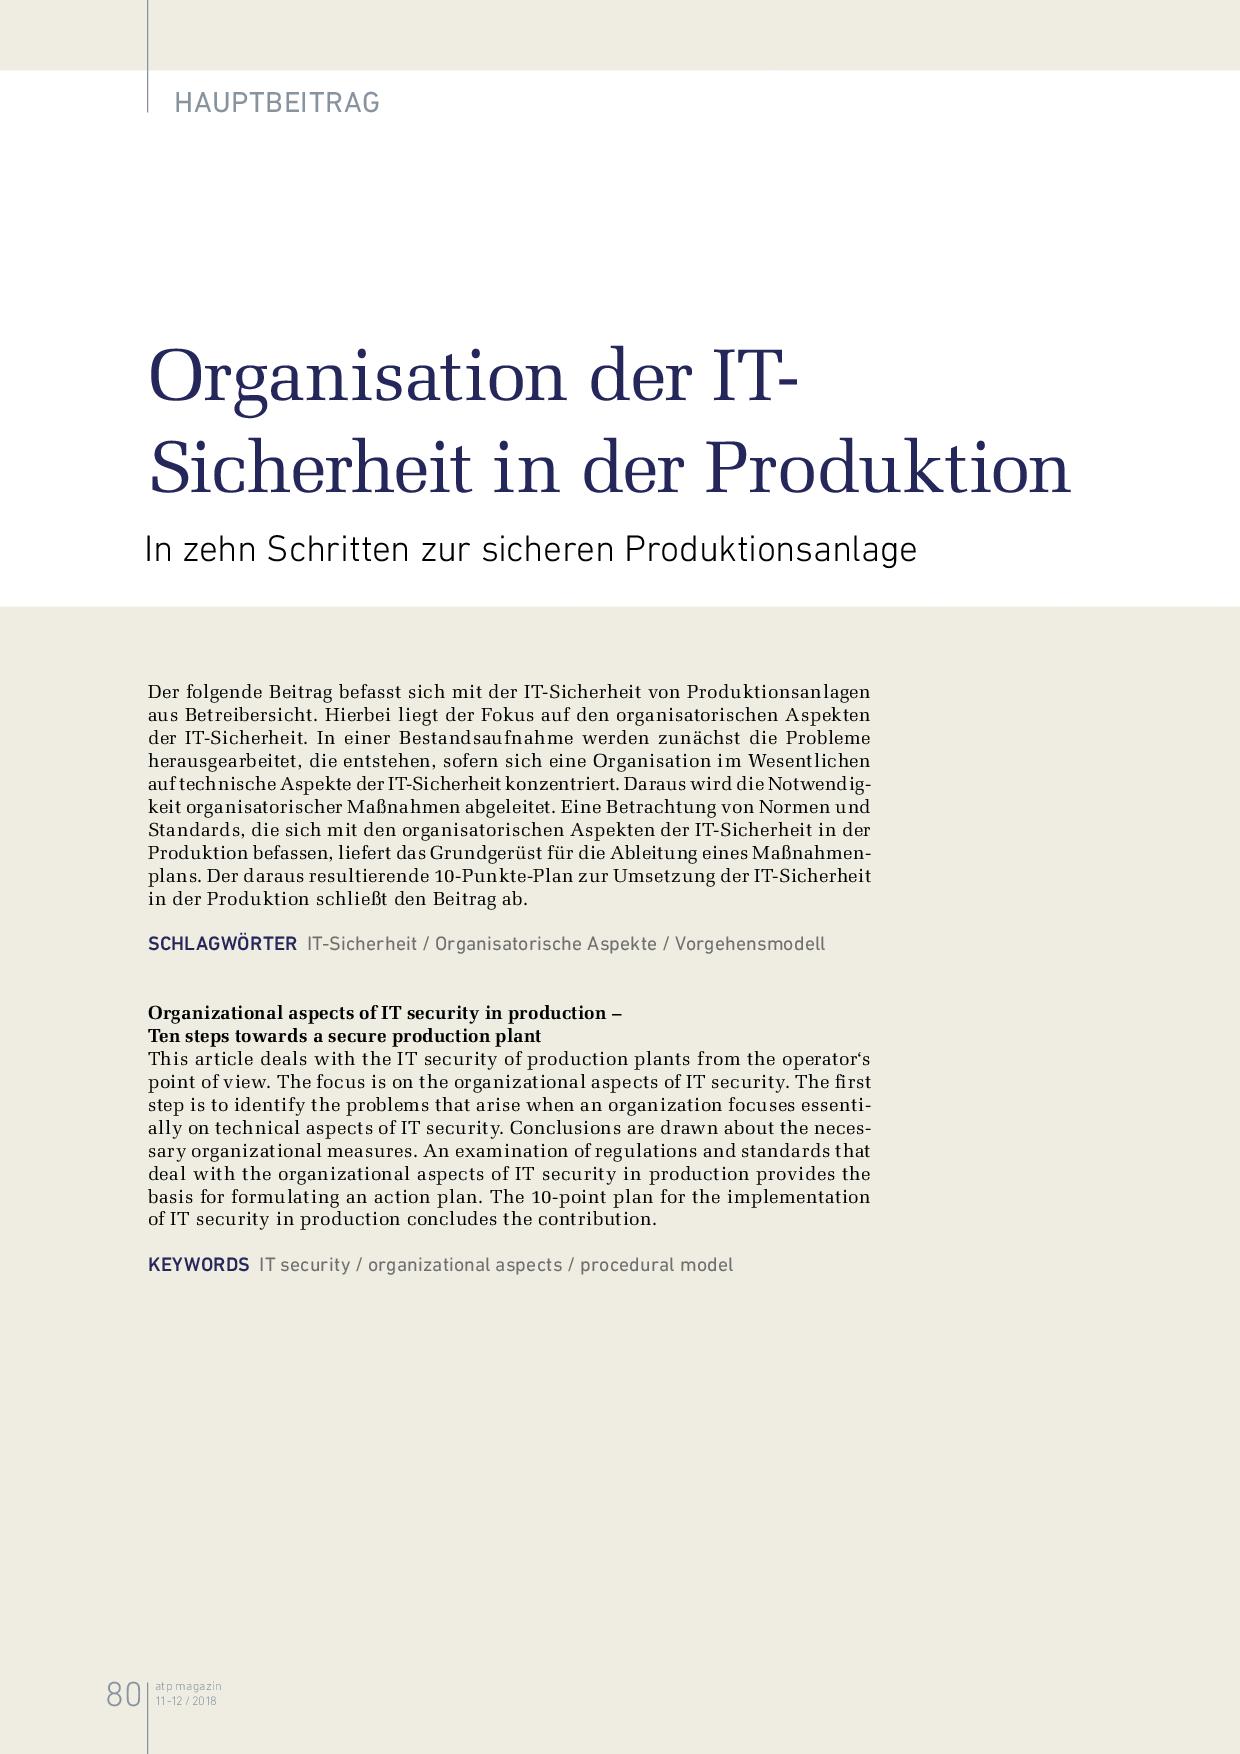 Organisation der IT-Sicherheit in der Produktion